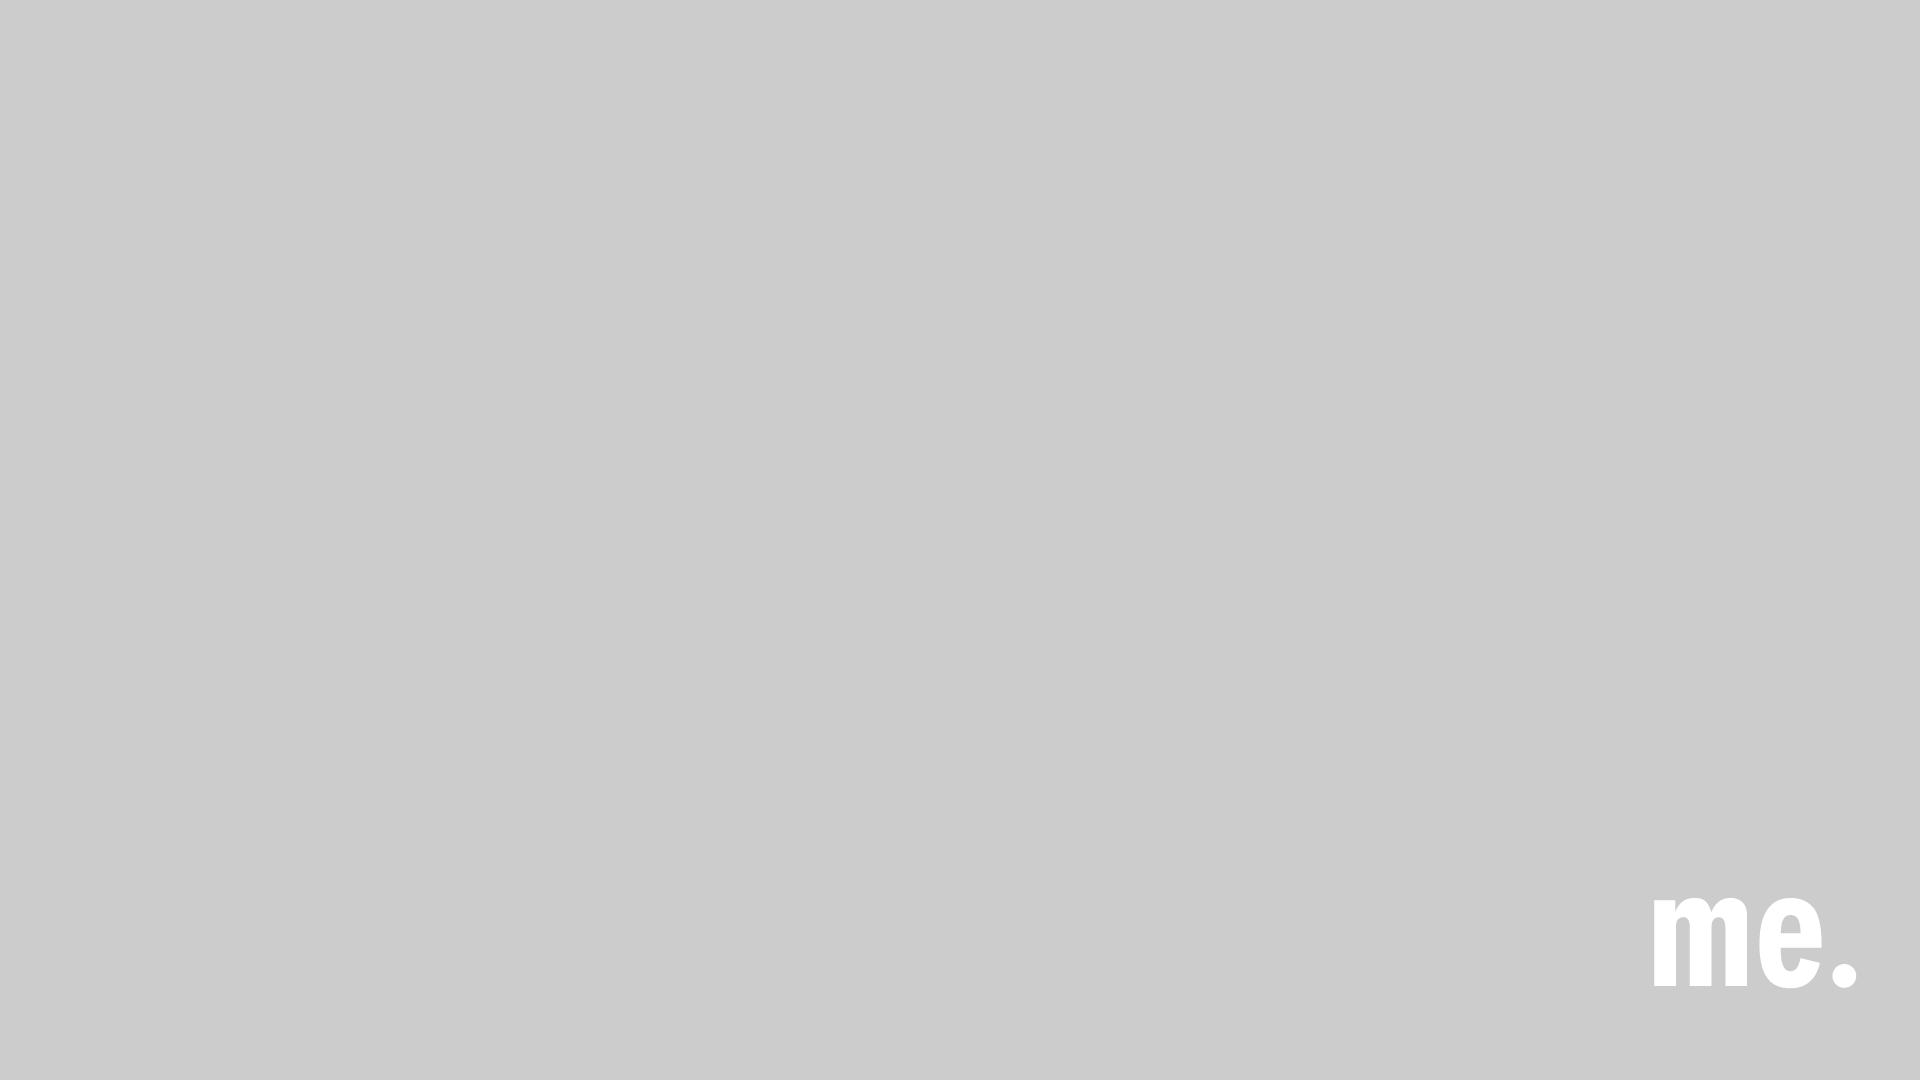 27. Miranda Lambert - 8,818,536.04 US-Dollar